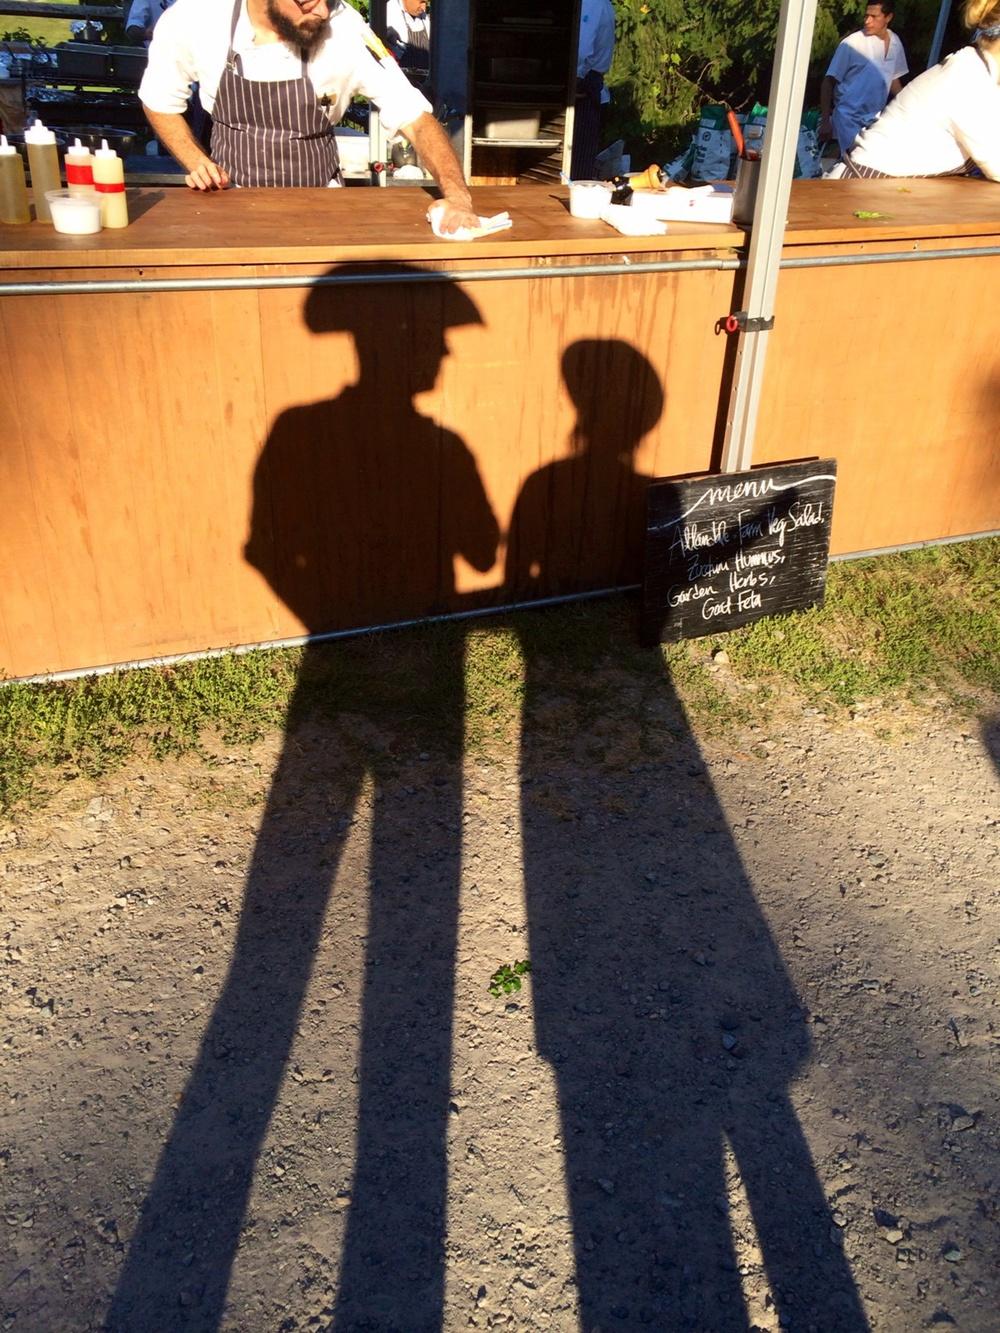 Shadow puppets-Boston, Massachusetts